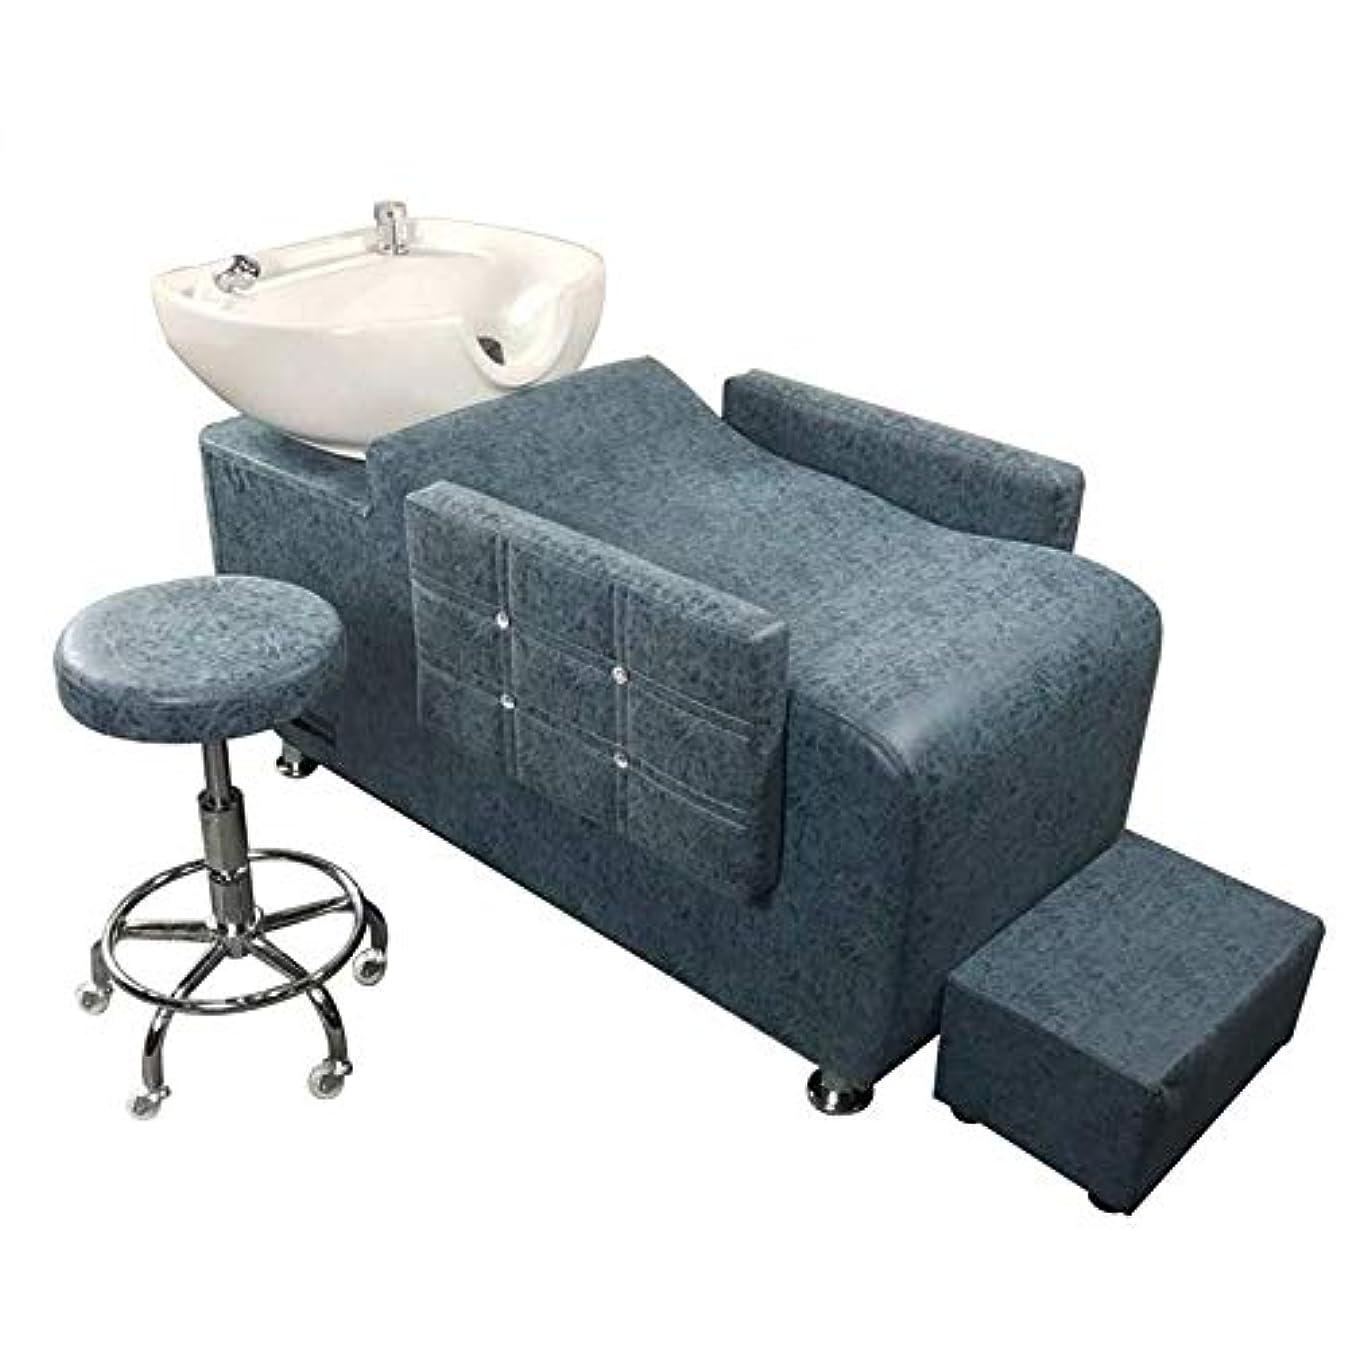 うなり声チートフラップシャンプーチェア逆洗ボウルユニット駅理容椅子スパサロン機器理髪シンクリフトスツールを送る(緑)